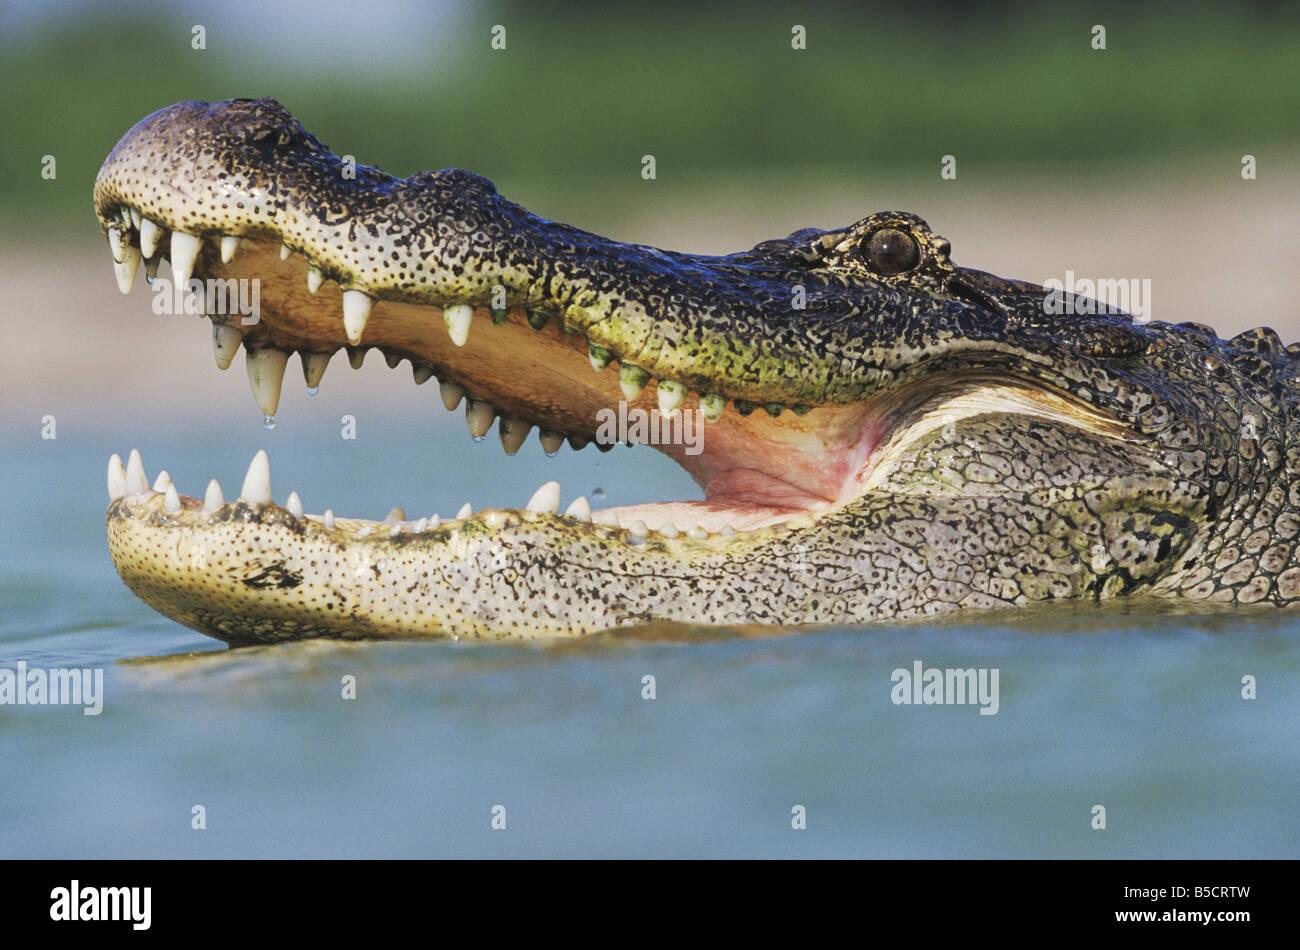 American Alligator Alligator mississipiensis adulto bocca aperta Rio Grande Valley Texas USA Foto Stock